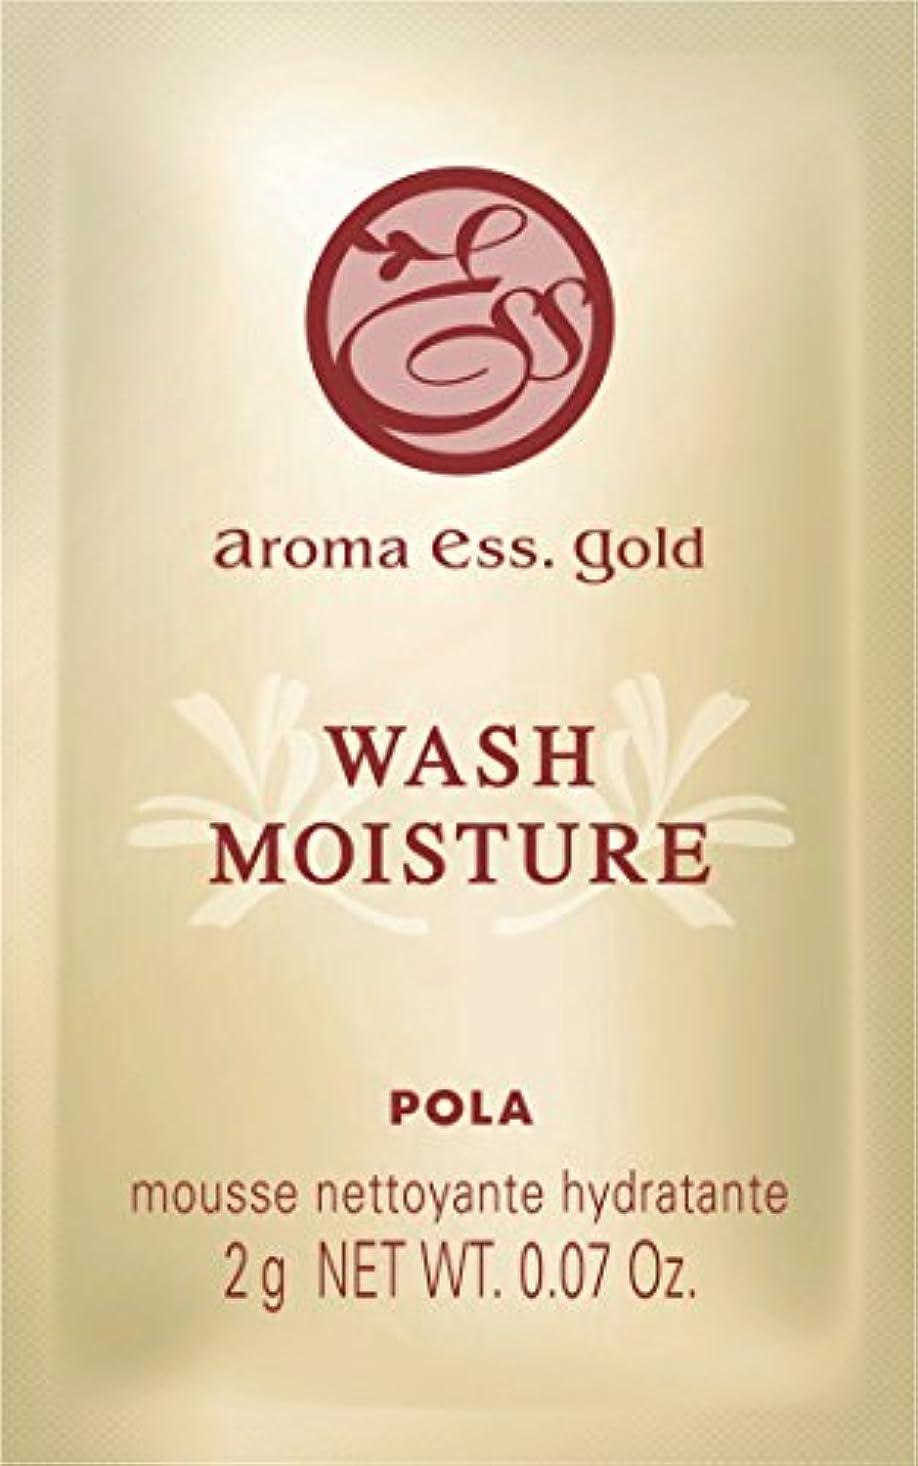 に頼る損失放射するPOLA アロマエッセゴールド ウォッシュモイスチャー 洗顔料 個包装タイプ 2g×100包